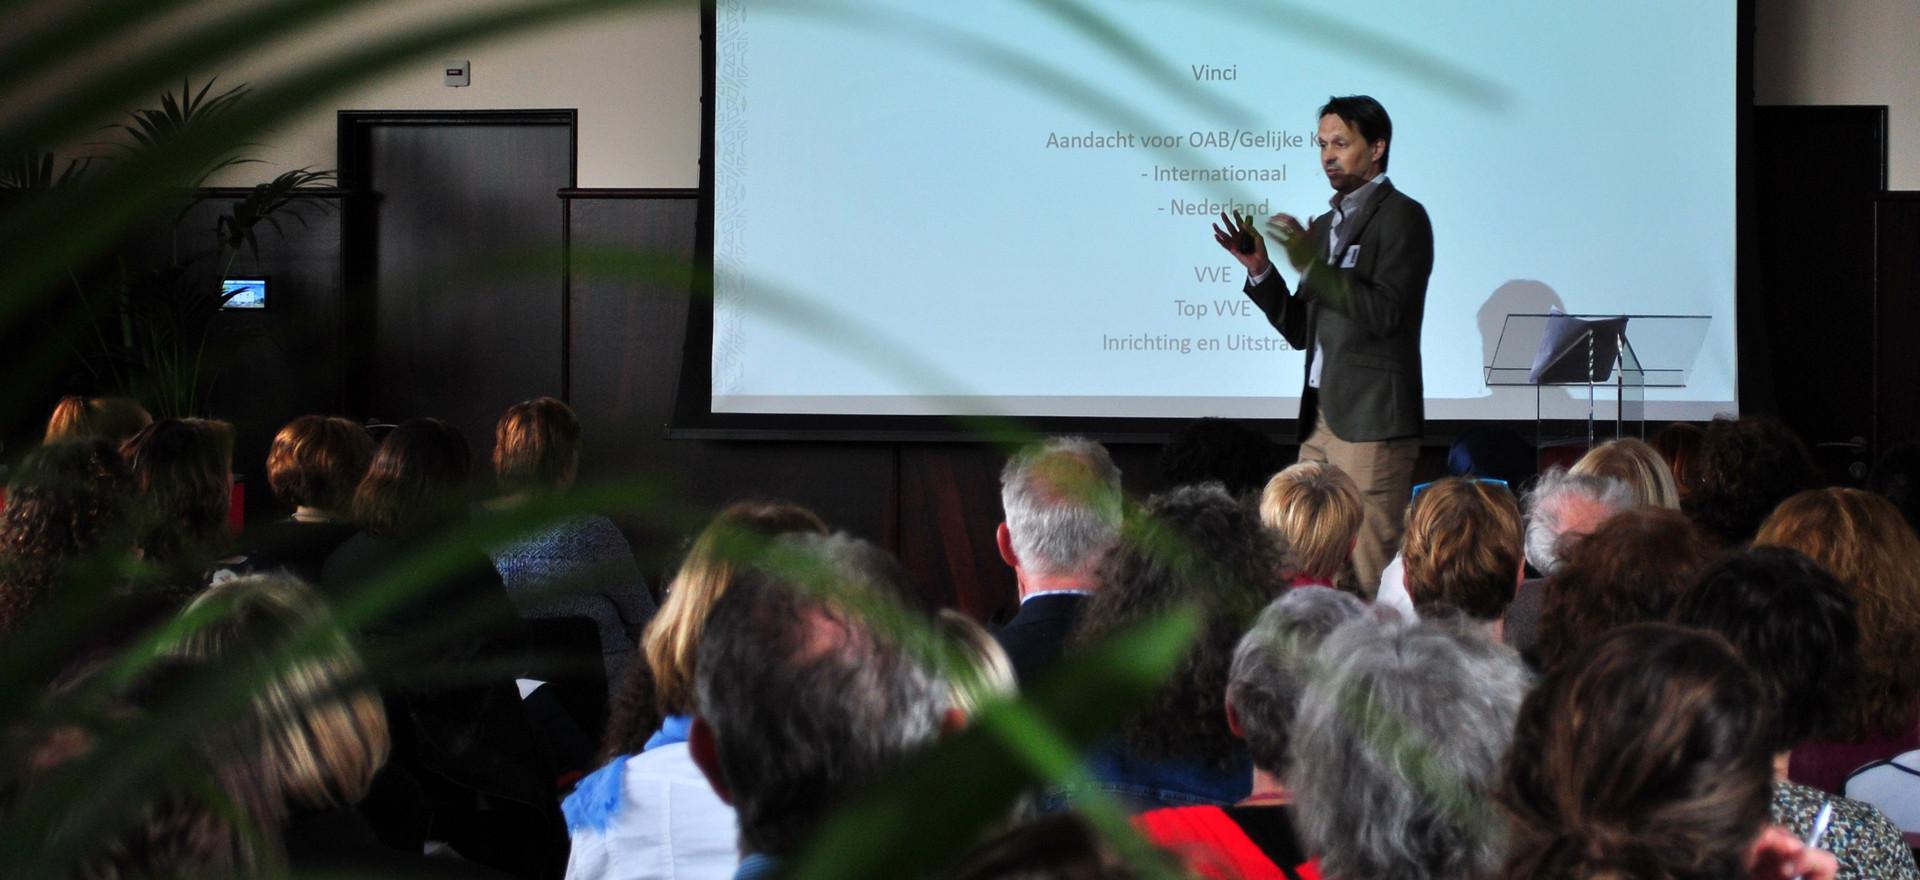 Walter de Wit doet de aftrap met een introductie van Top VVE.